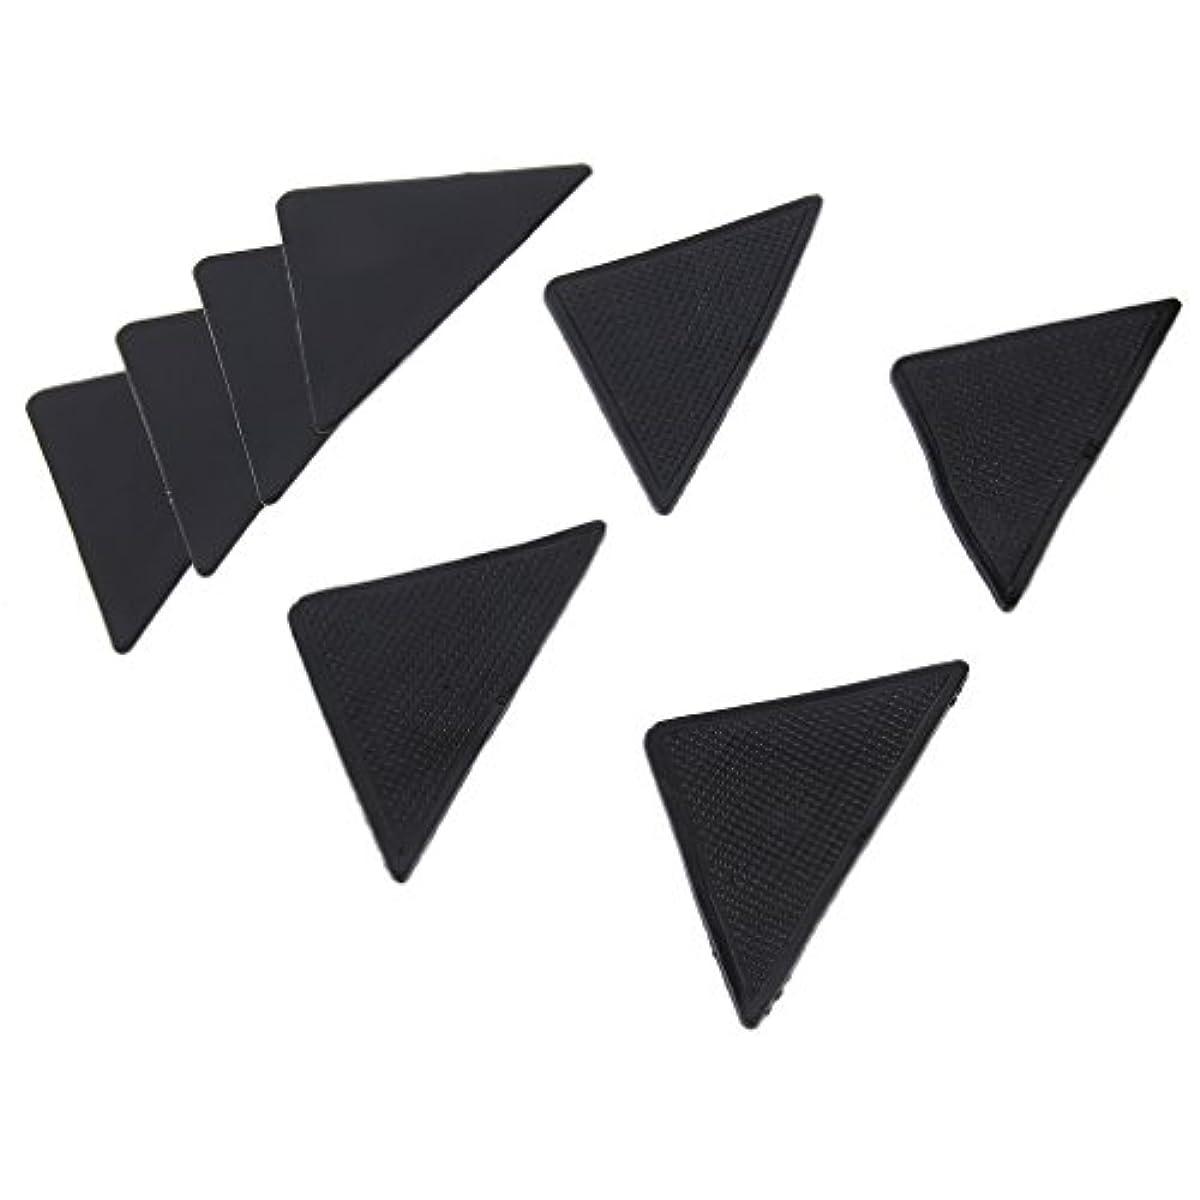 美しい栄養誇りに思う4 pcs Rug Carpet Mat Grippers Non Slip Anti Skid Reusable Silicone Grip Pads